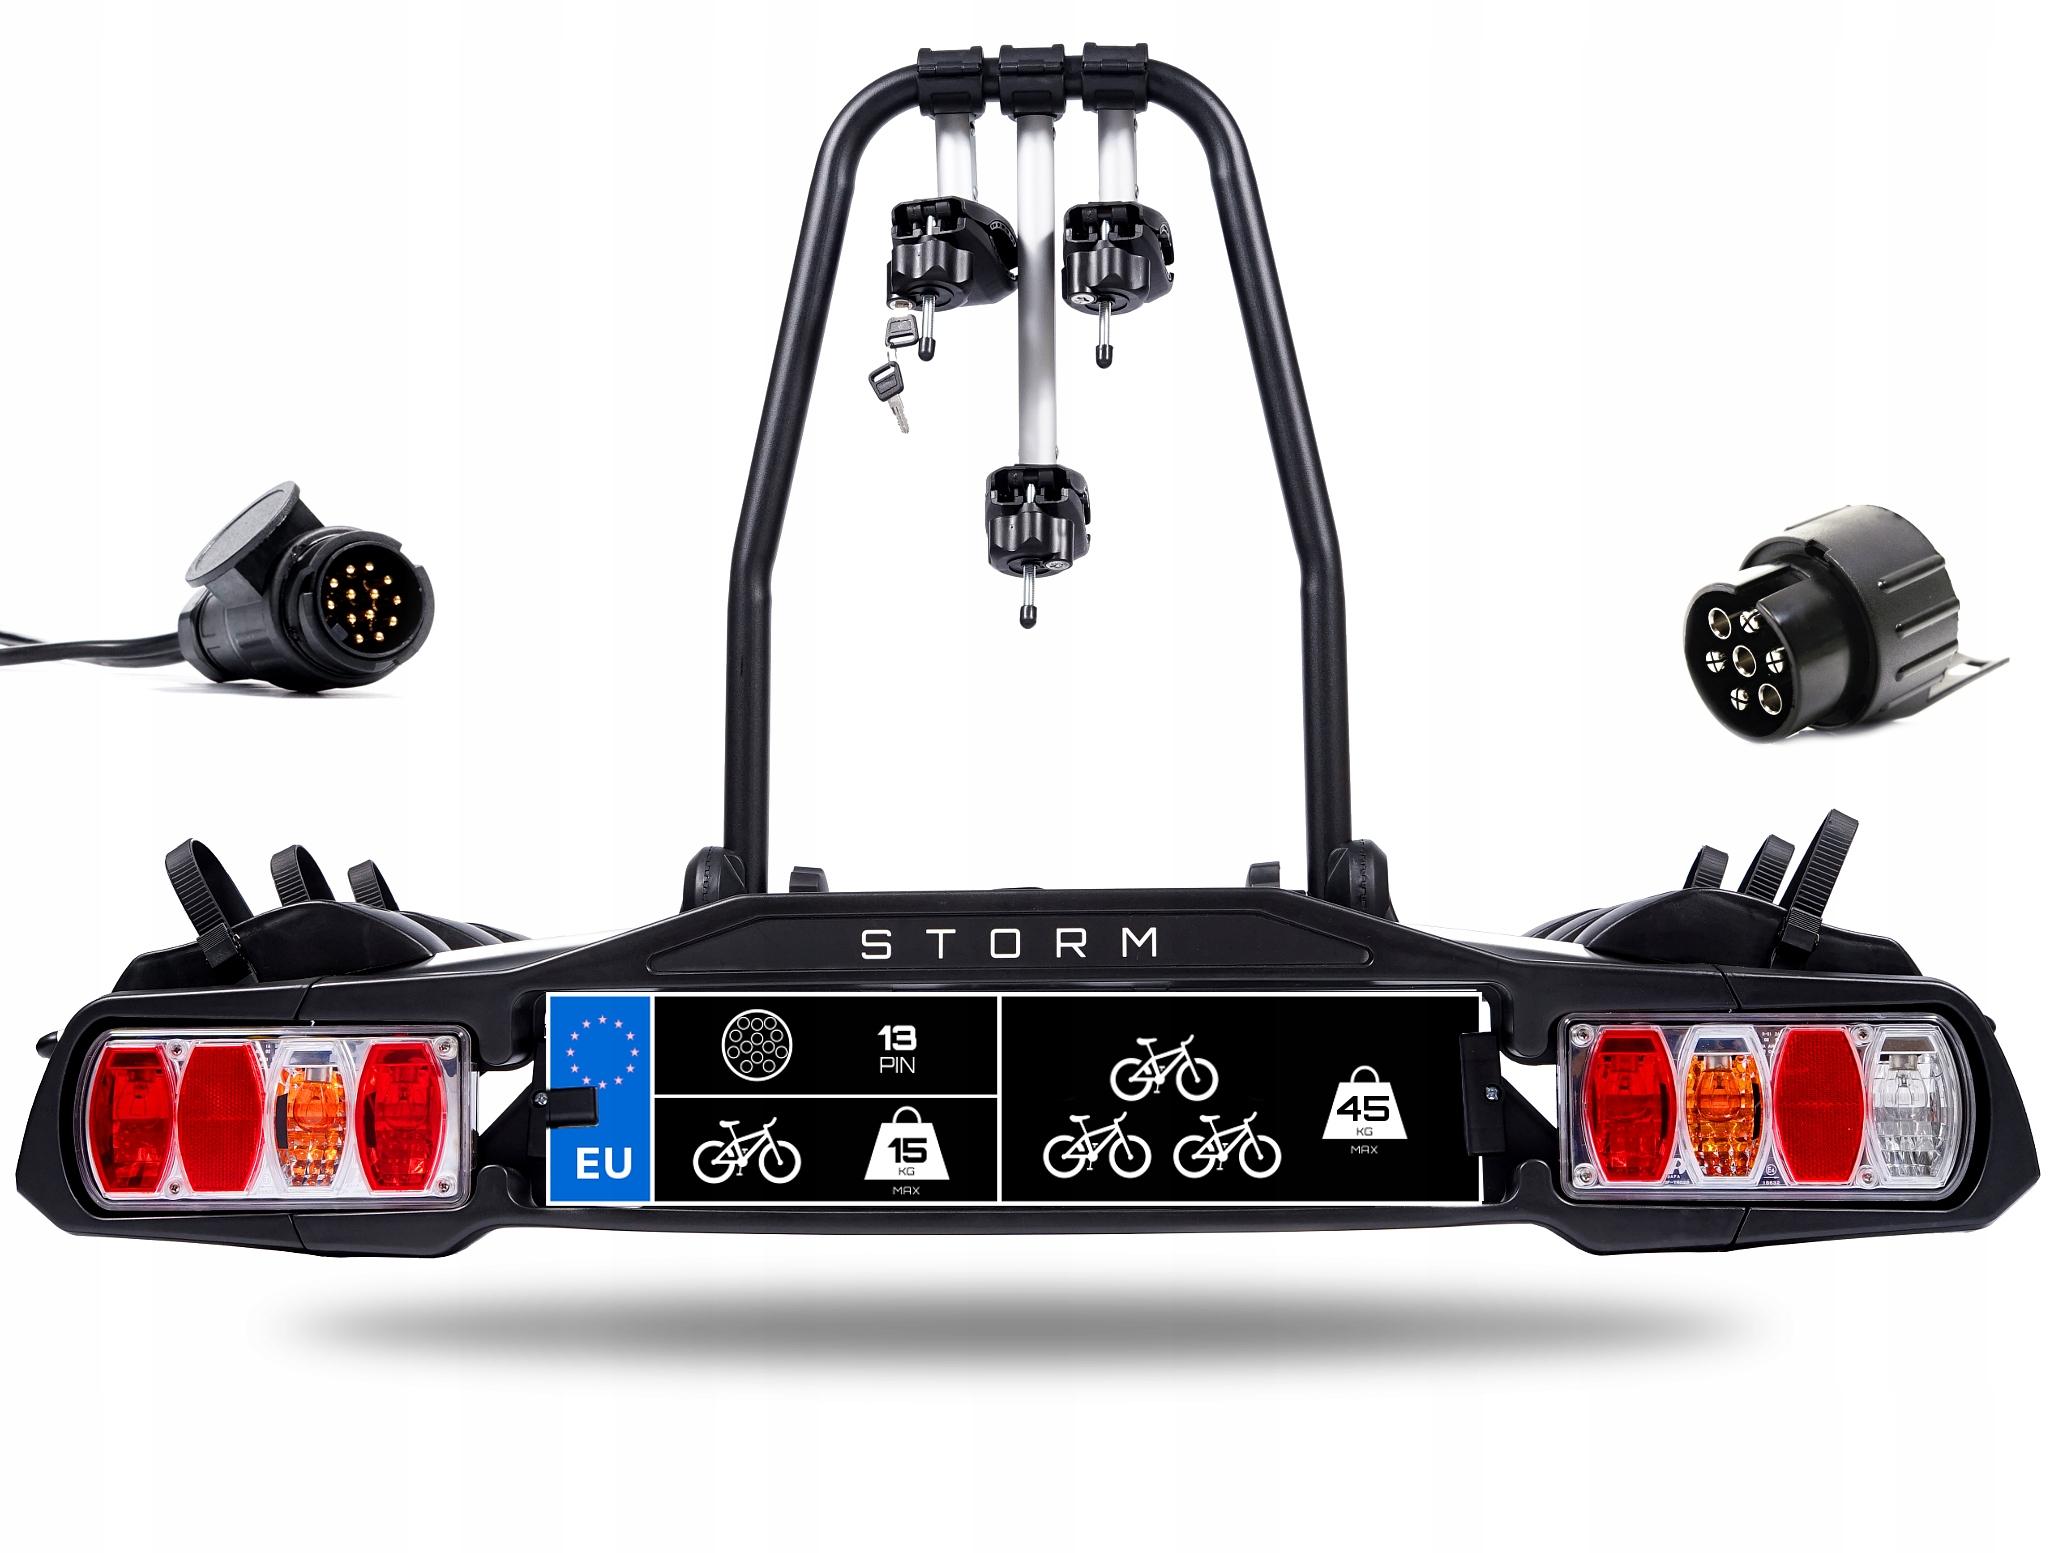 STORM 3 - Багажник, велосипедный держатель для крючка на 3 велосипеда